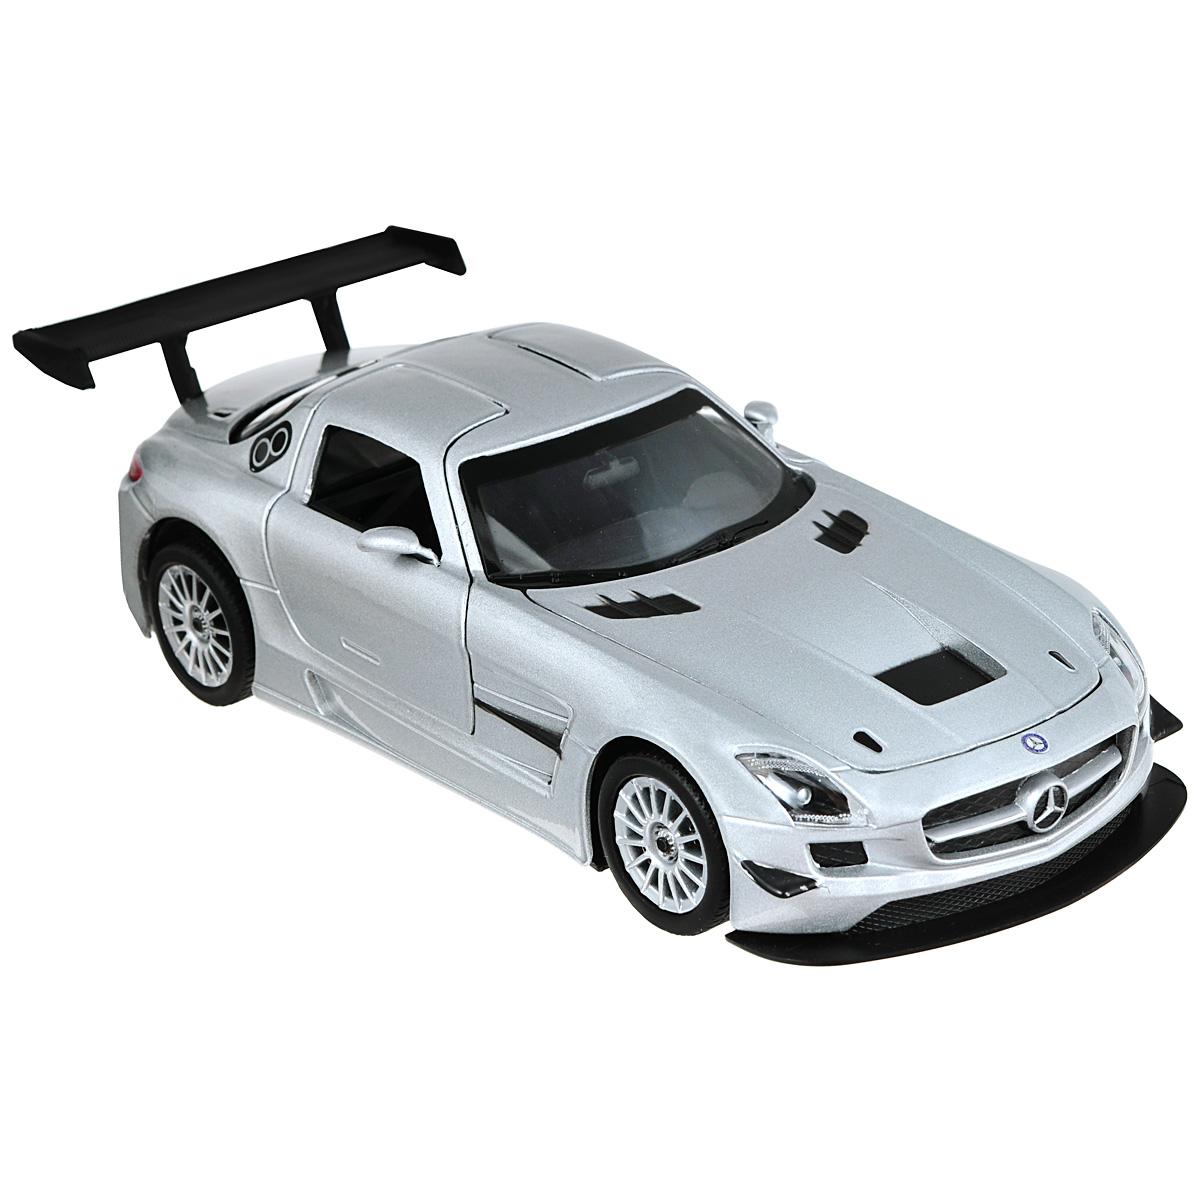 Коллекционная модель MotorMax Mercedes Benz SLS АMG GT3, цвет: серебристый. Масштаб 1/24 bburago модель автомобиля mercedes benz sls amg roadster